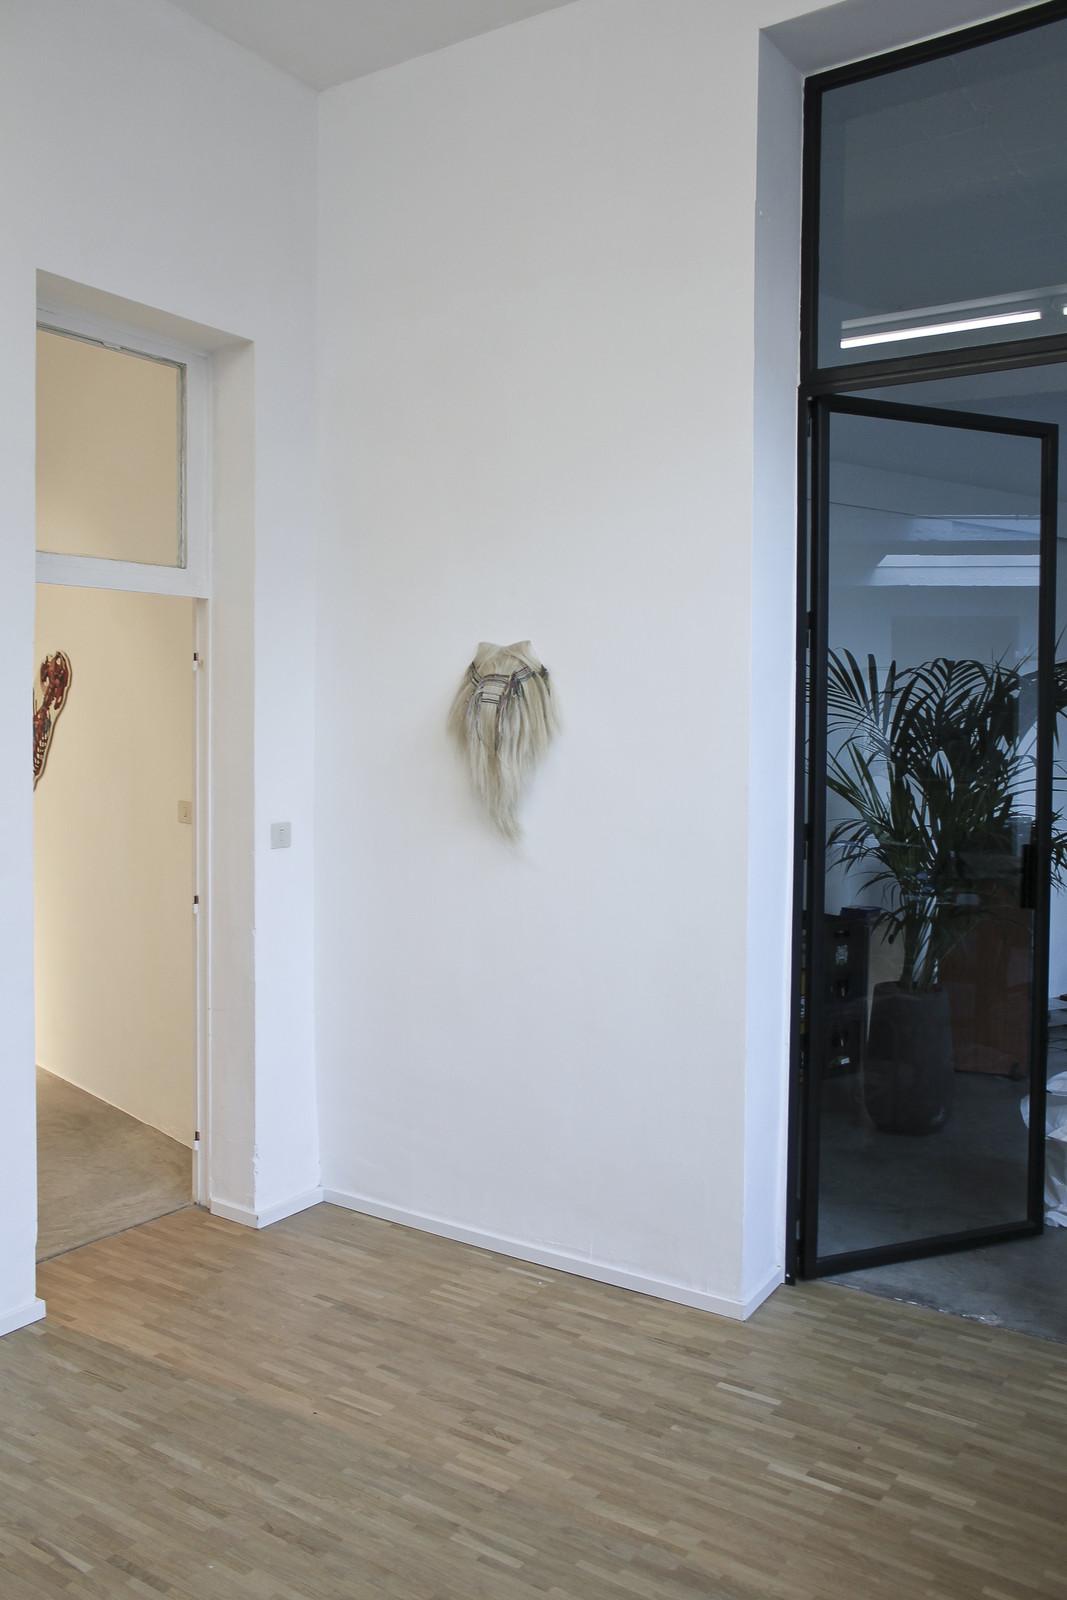 Federico Acal & Liesbeth Doms at DMW Art Space 29